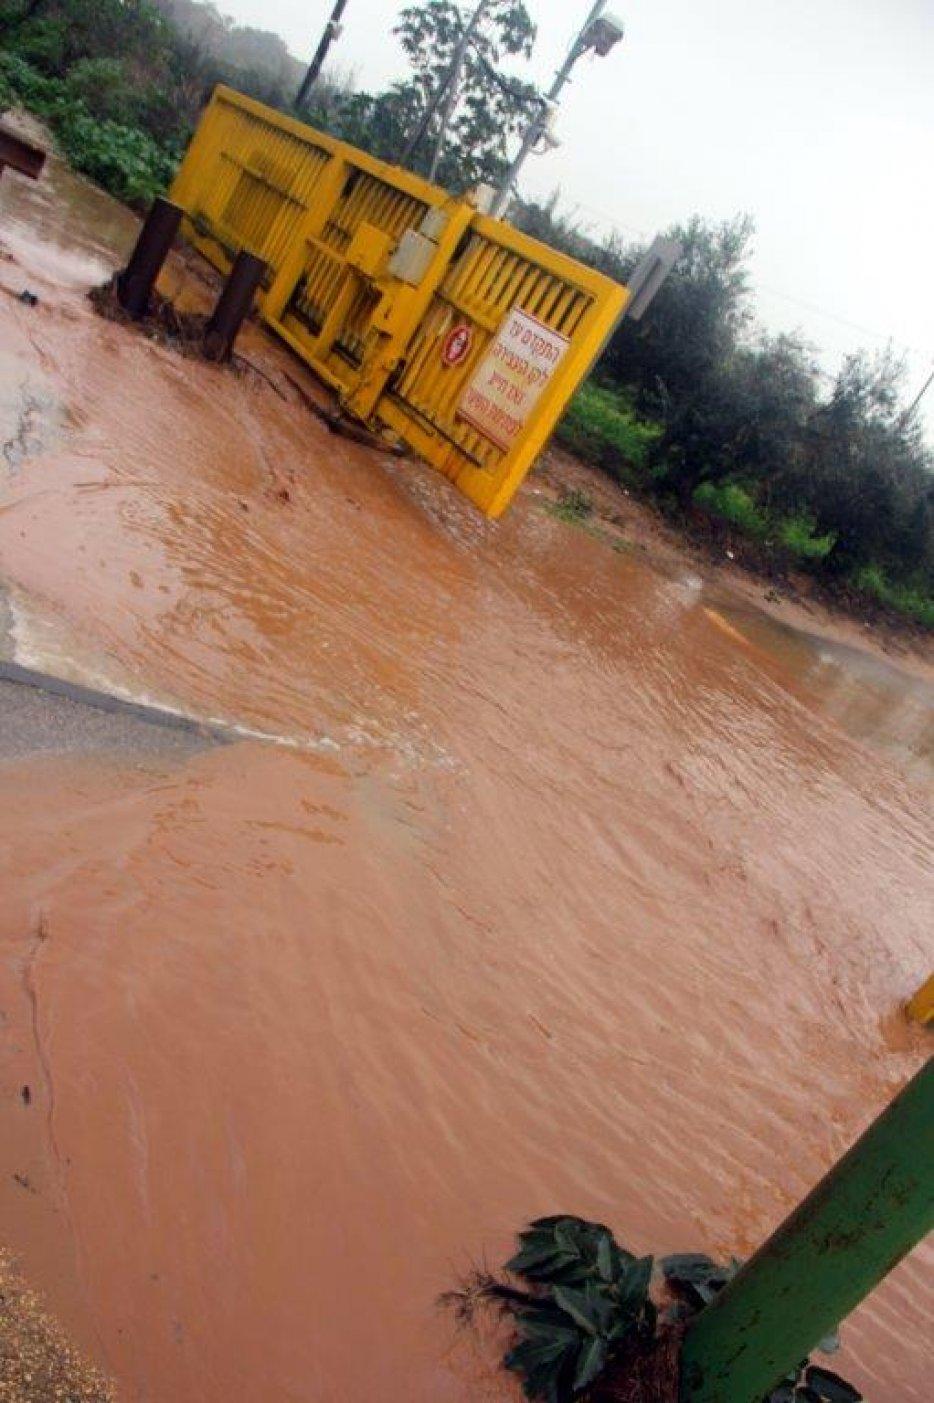 המים שזרמו בתעלה מגיעים בשצף קצף לשער המזרחי שהפ לבריכת ניקוז. צילום: יגאל שרגיאן